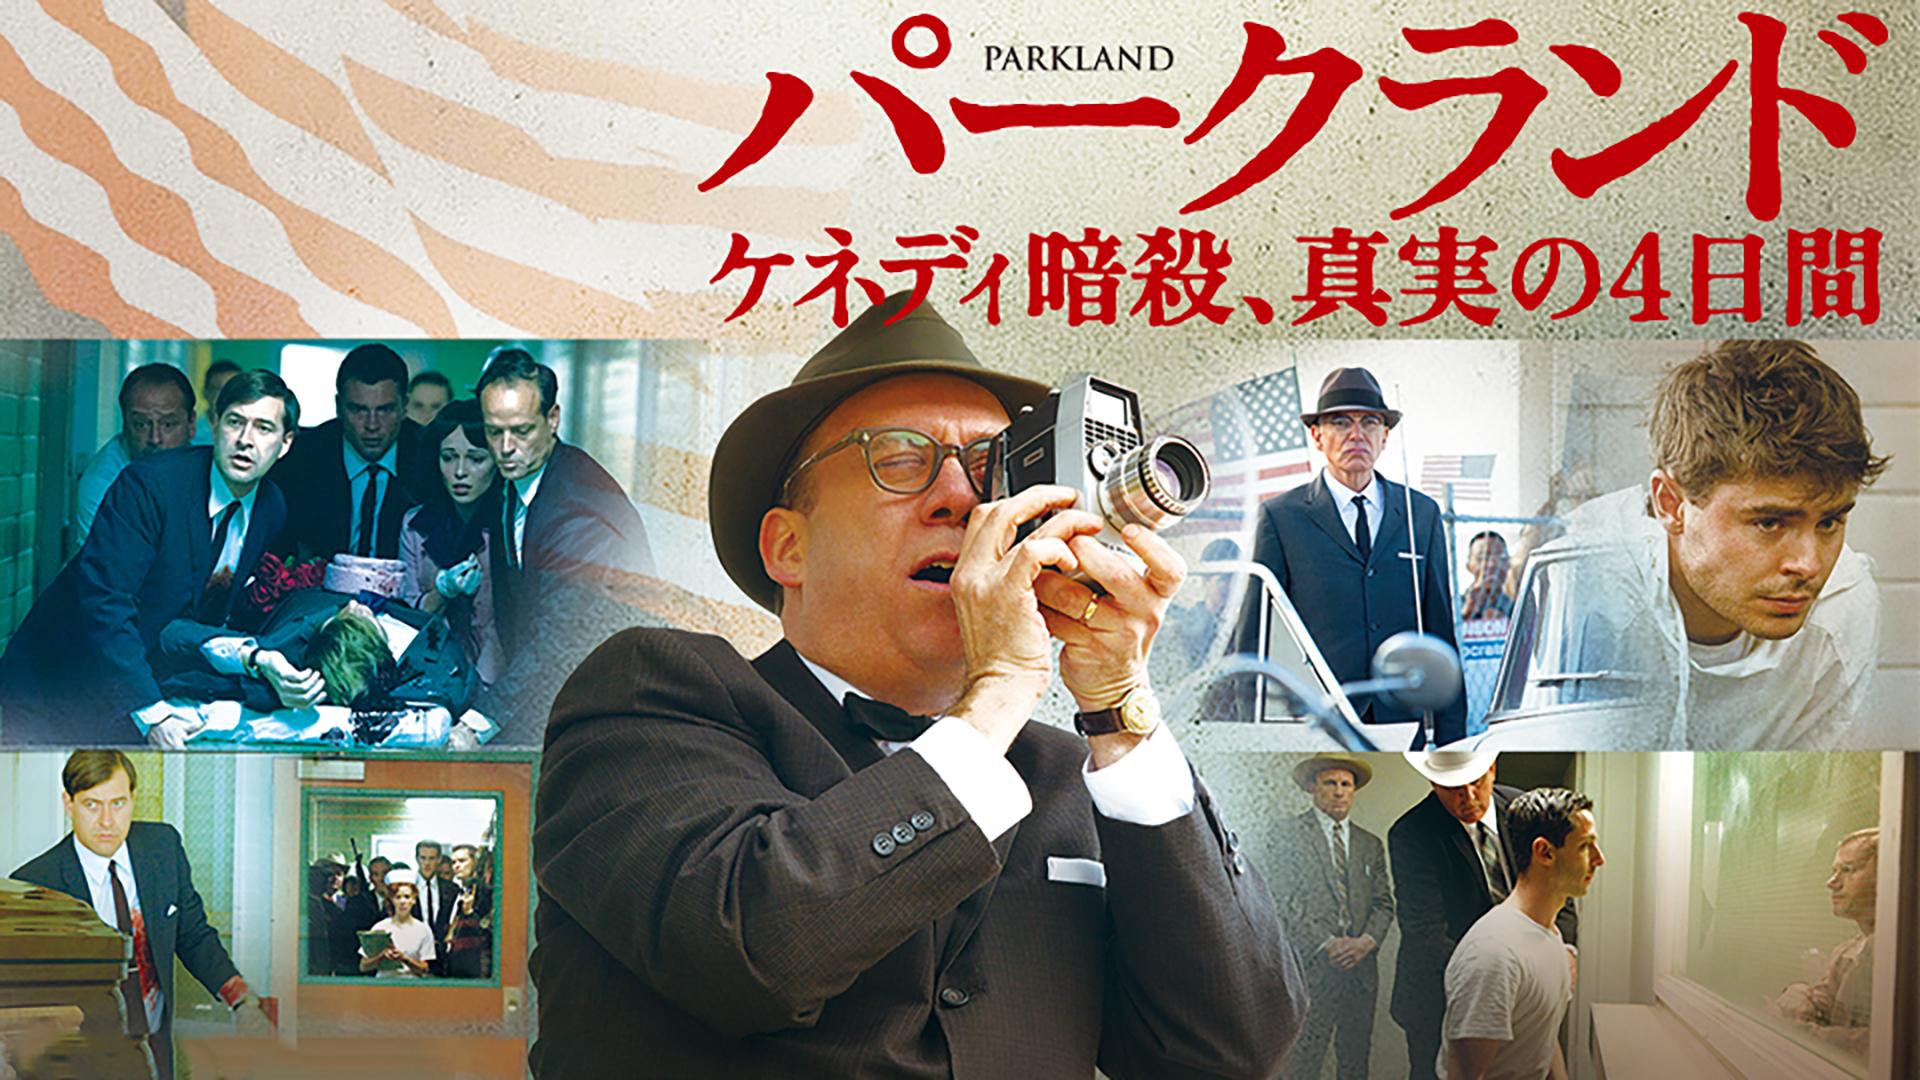 パークランド―ケネディ暗殺、真実の4日間(字幕版)